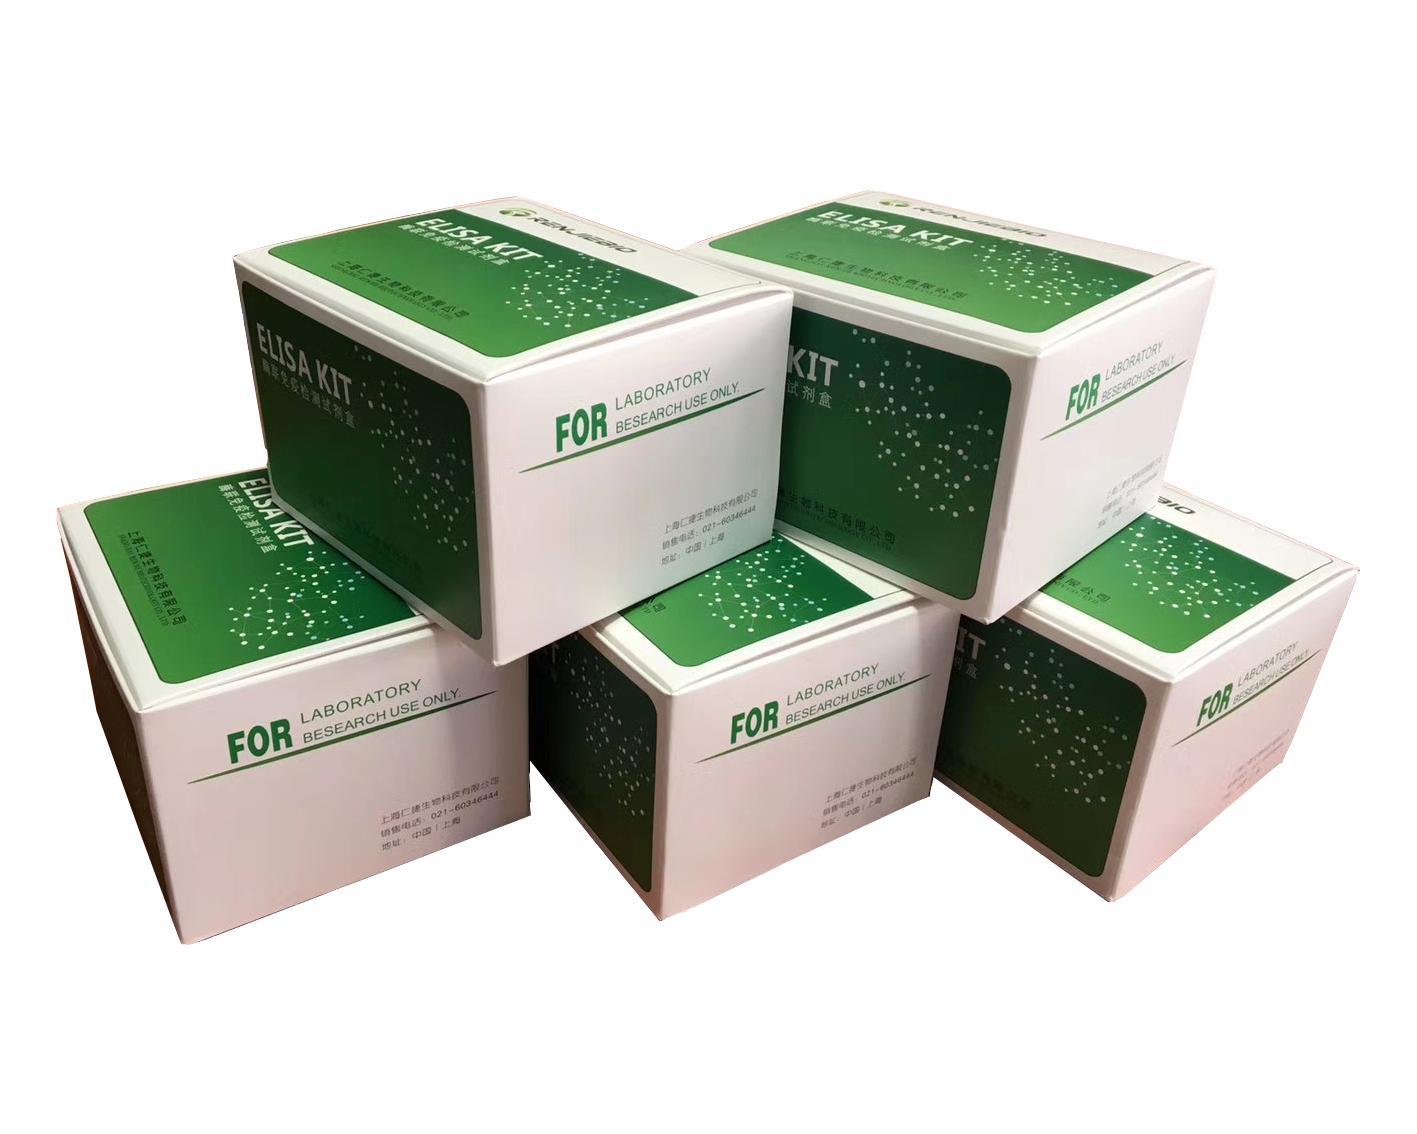 金黄色葡萄球菌肠毒素(SE)ELISA试剂盒